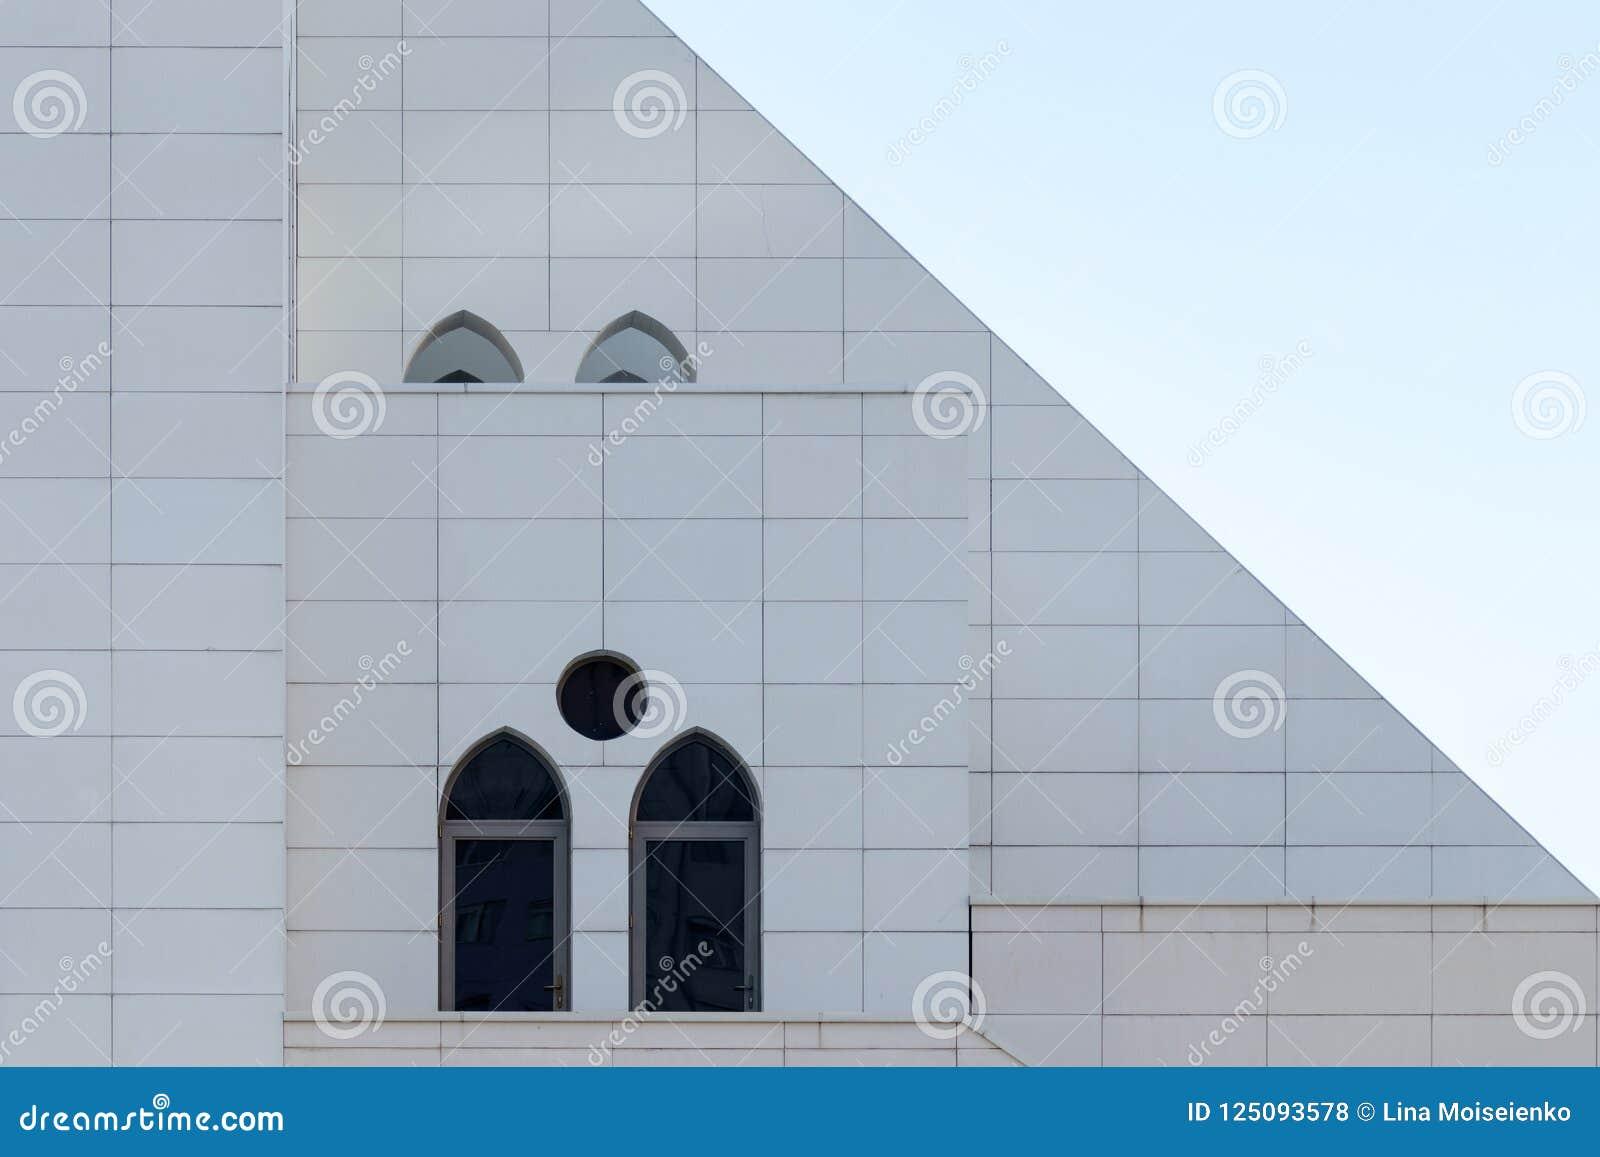 Vit vägg med välvda och runda fönster, detalj av byggnadsyttersida, stads- geometri